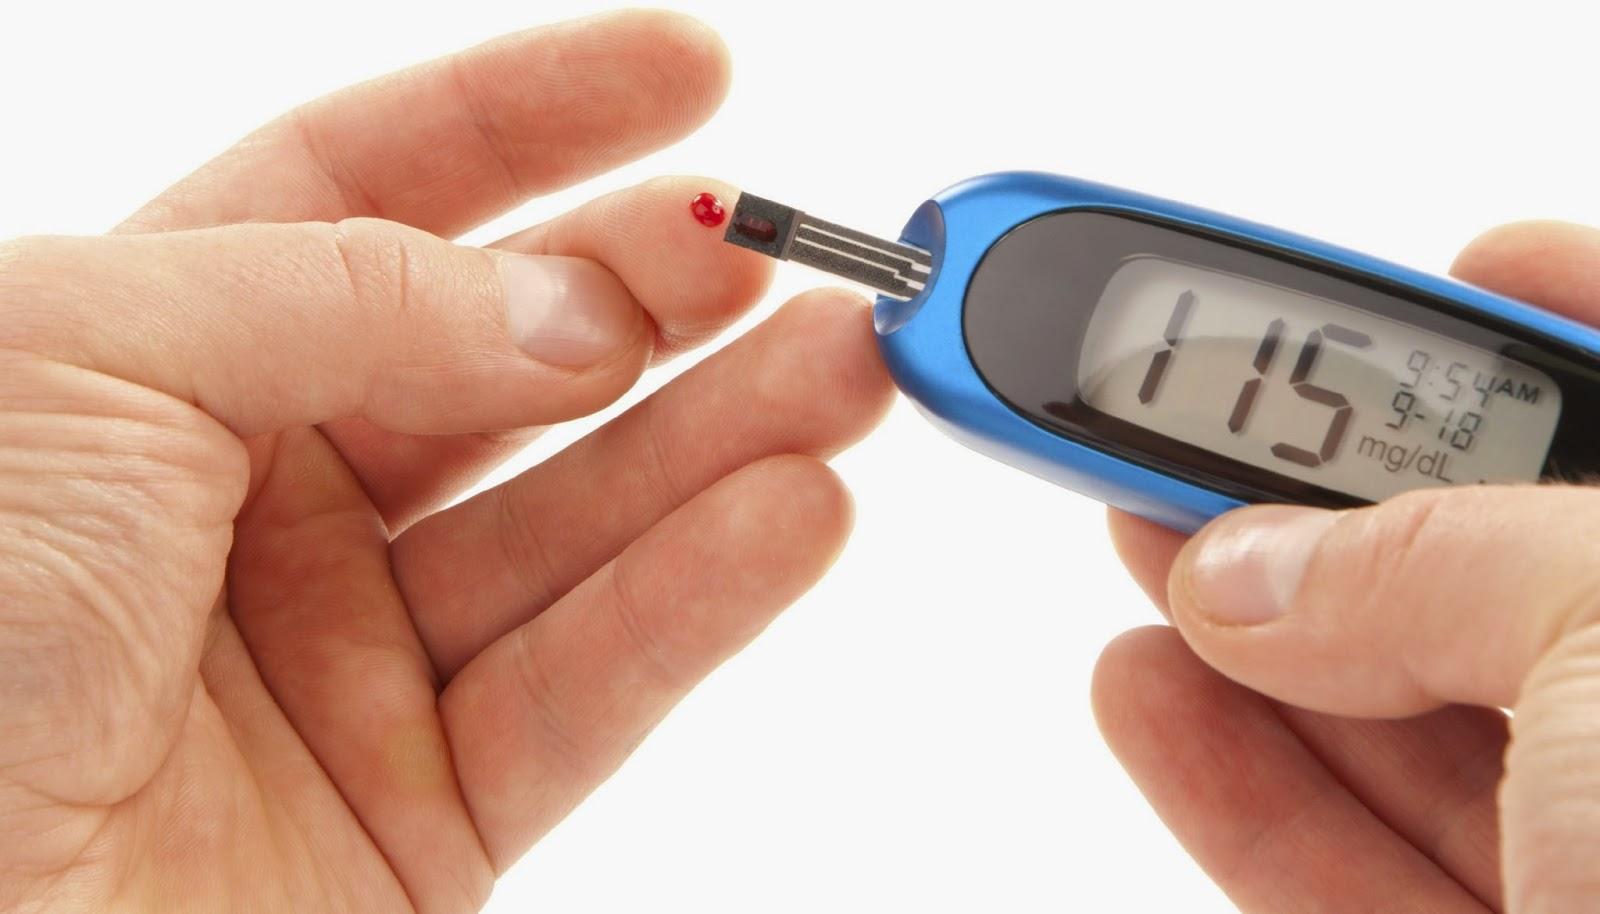 Test Kadar Gula, Mengobati Darah Tinggi, Cek darah